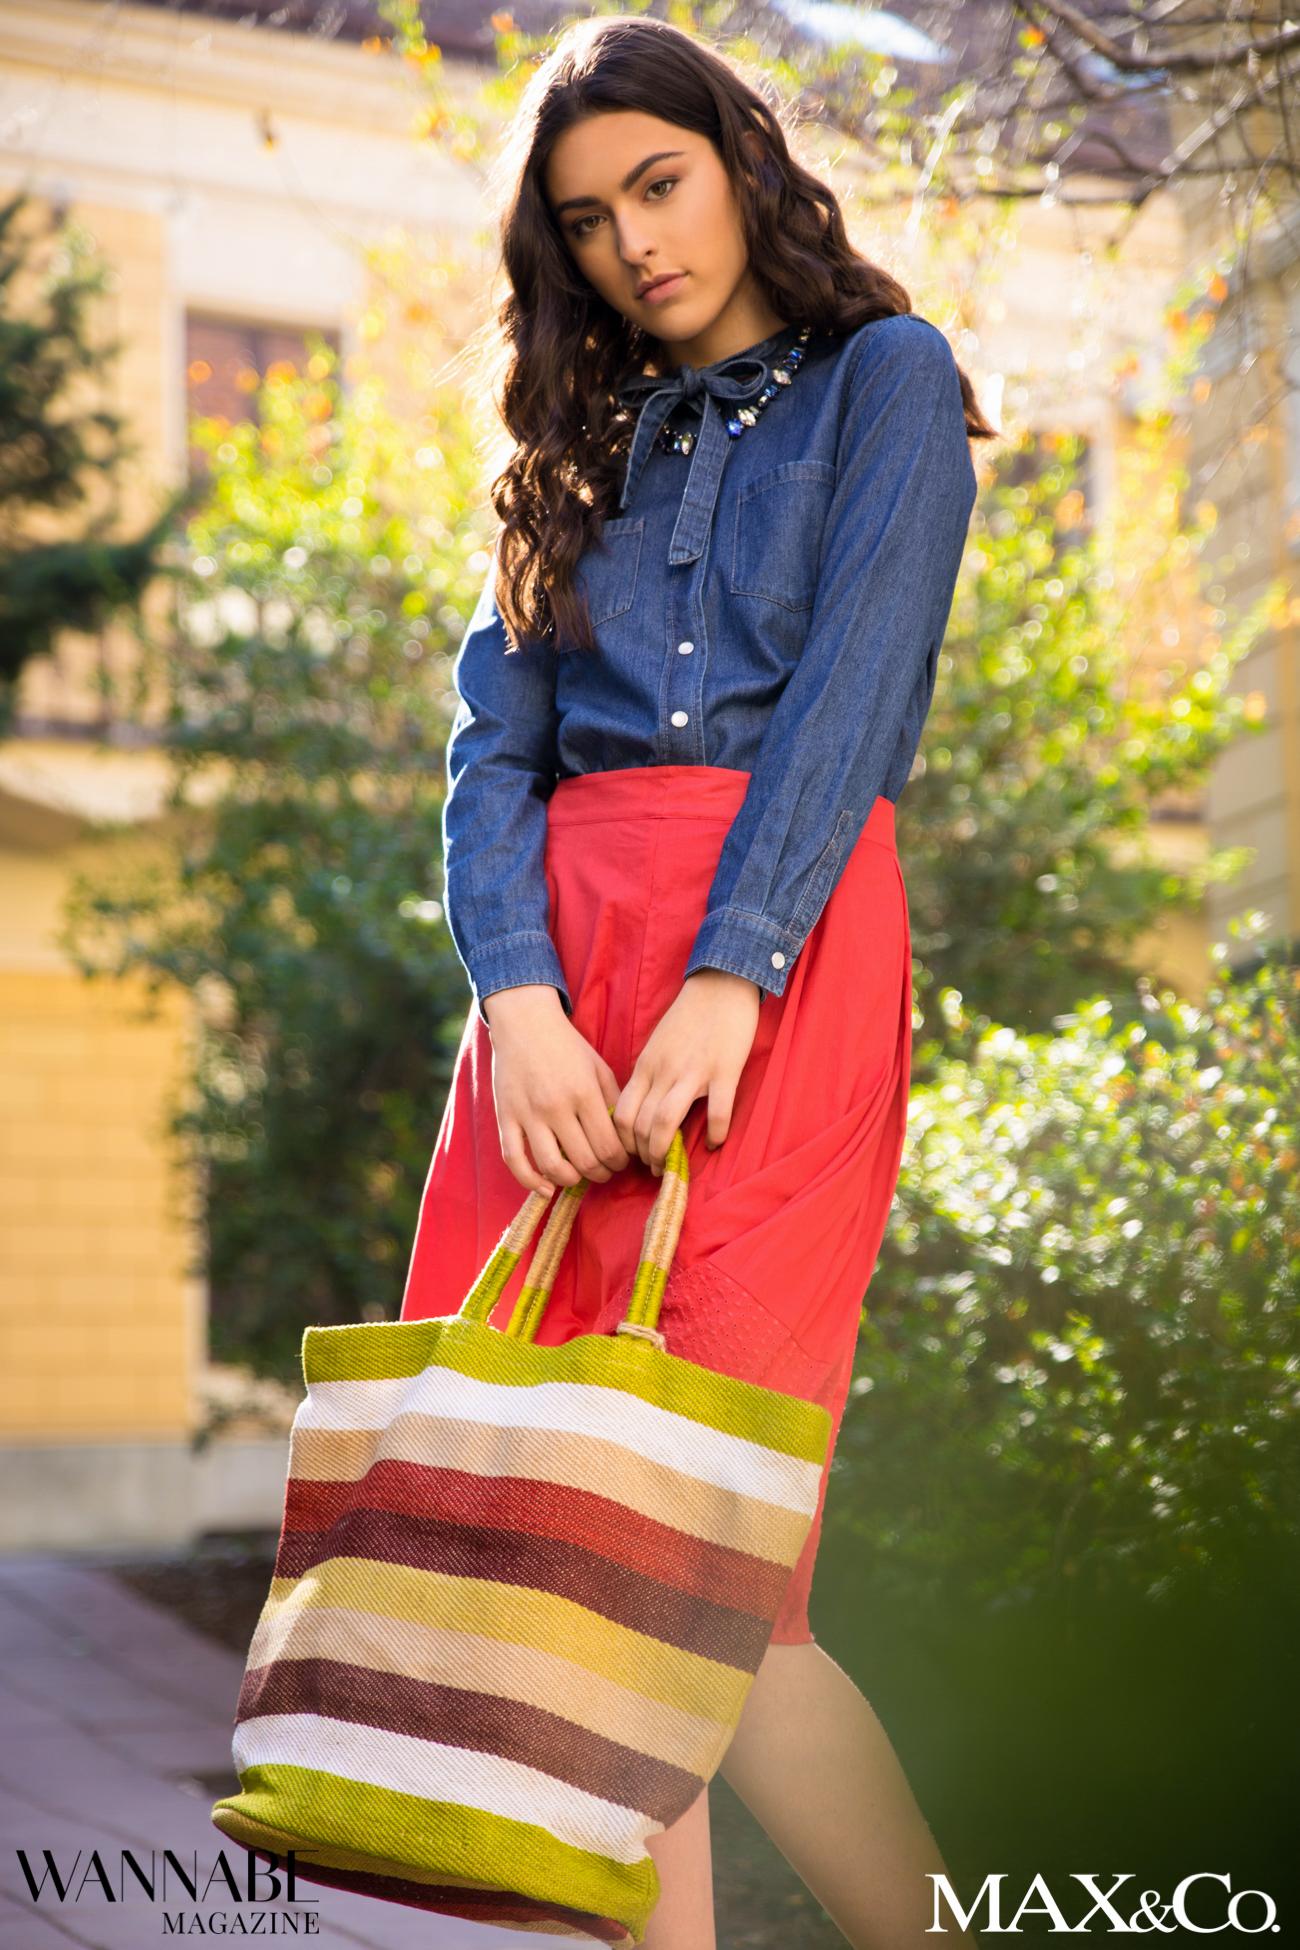 MaxCo 2 2 2 Probaj ovu kombinaciju za proleće: Denim košulja i crvena suknja!